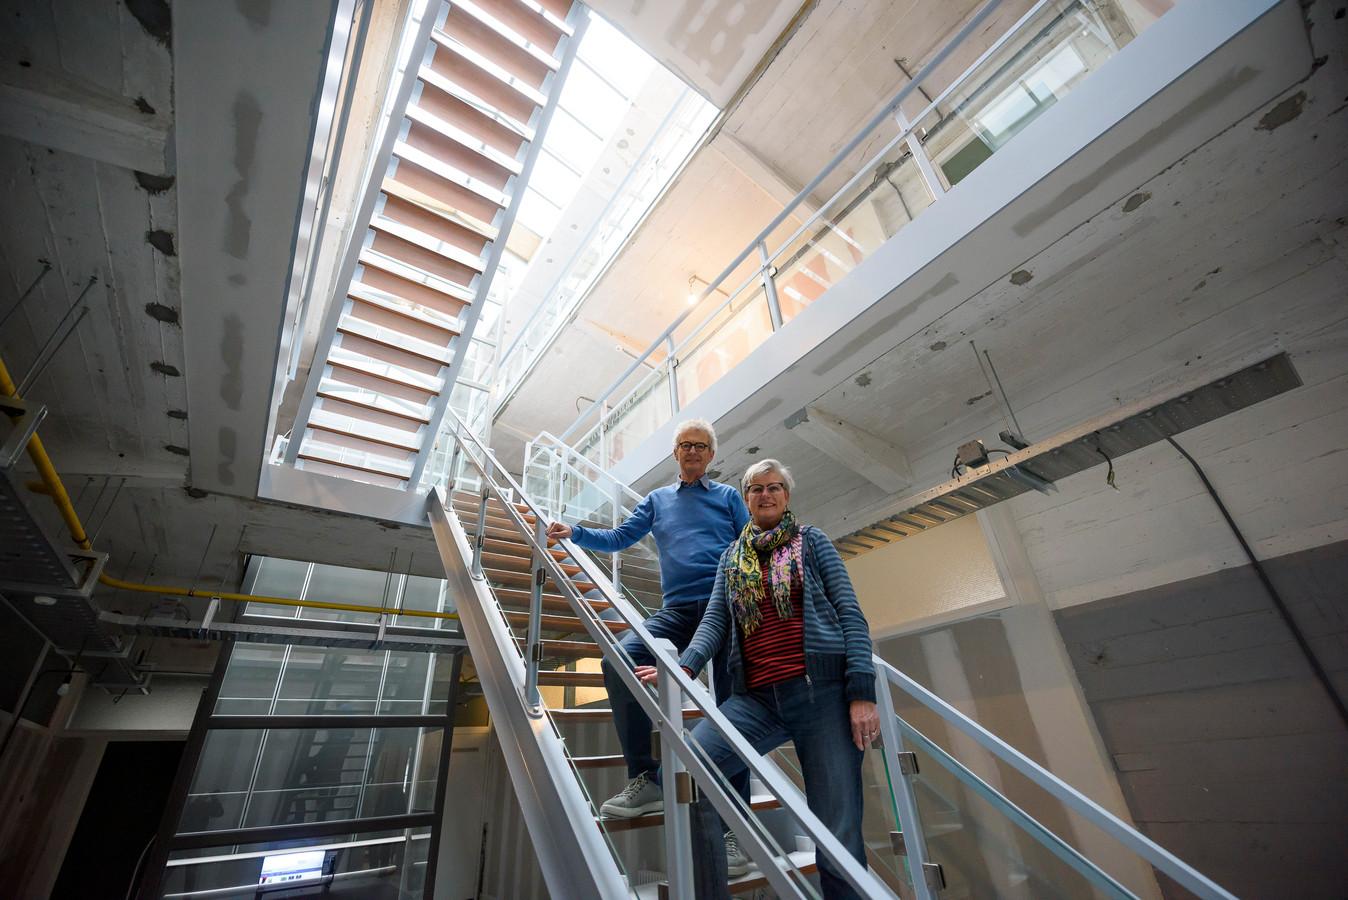 Marianne van Buul en Chris van Lenteren van CPO Twee in het deel authentieke, deels nagemaakte stalen trappenhuis van het NRE-gebouw in Eindhoven.